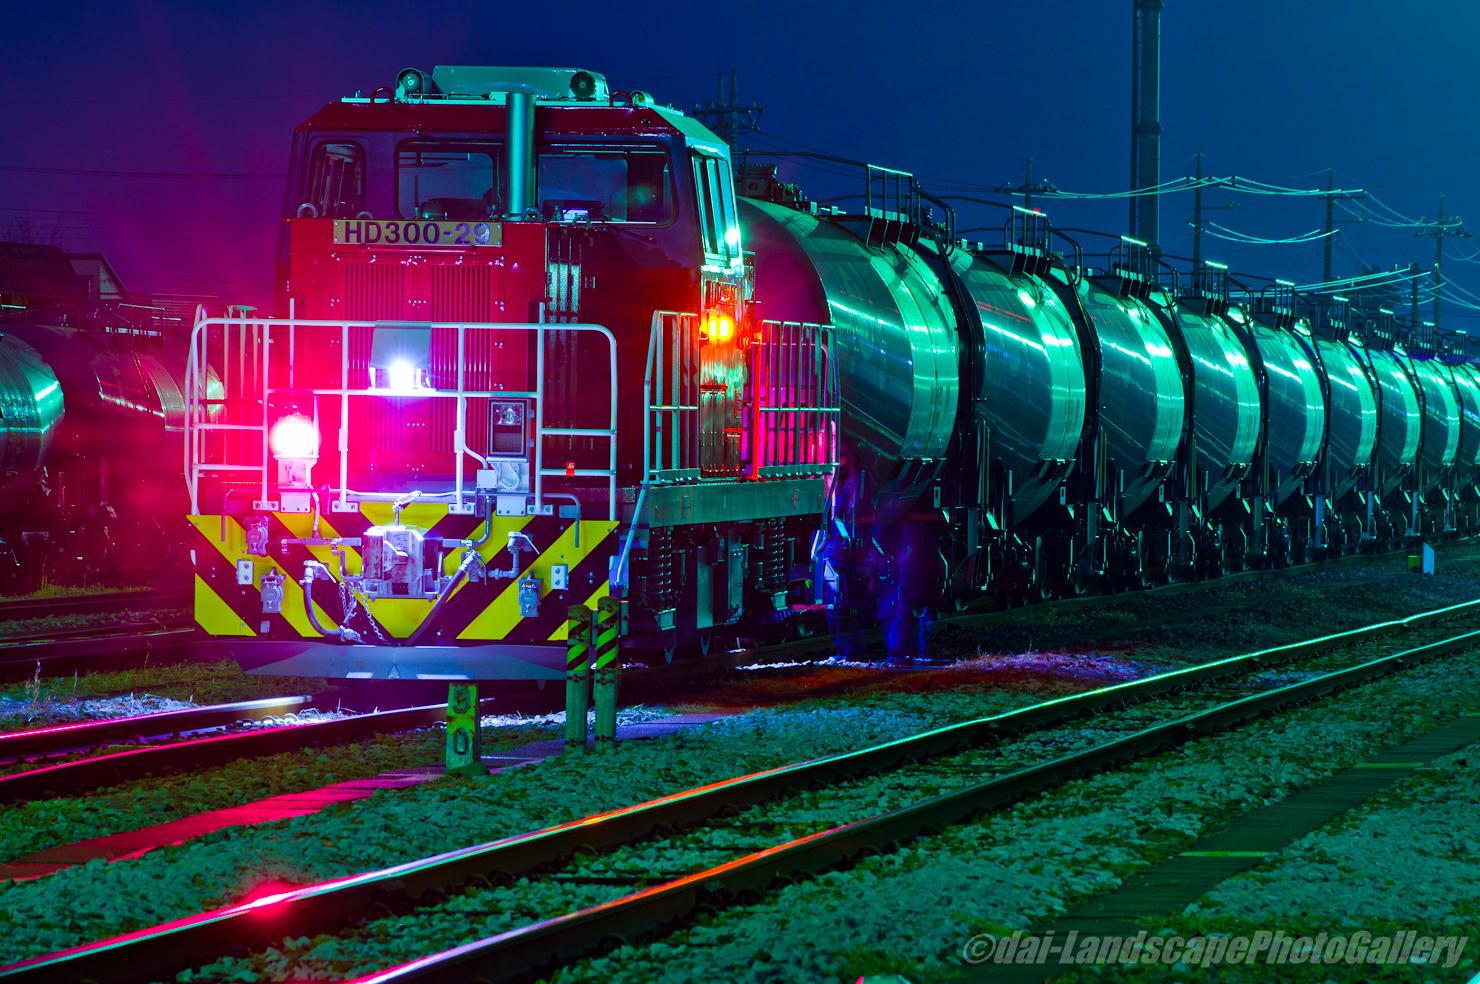 発車を待つ貨物列車